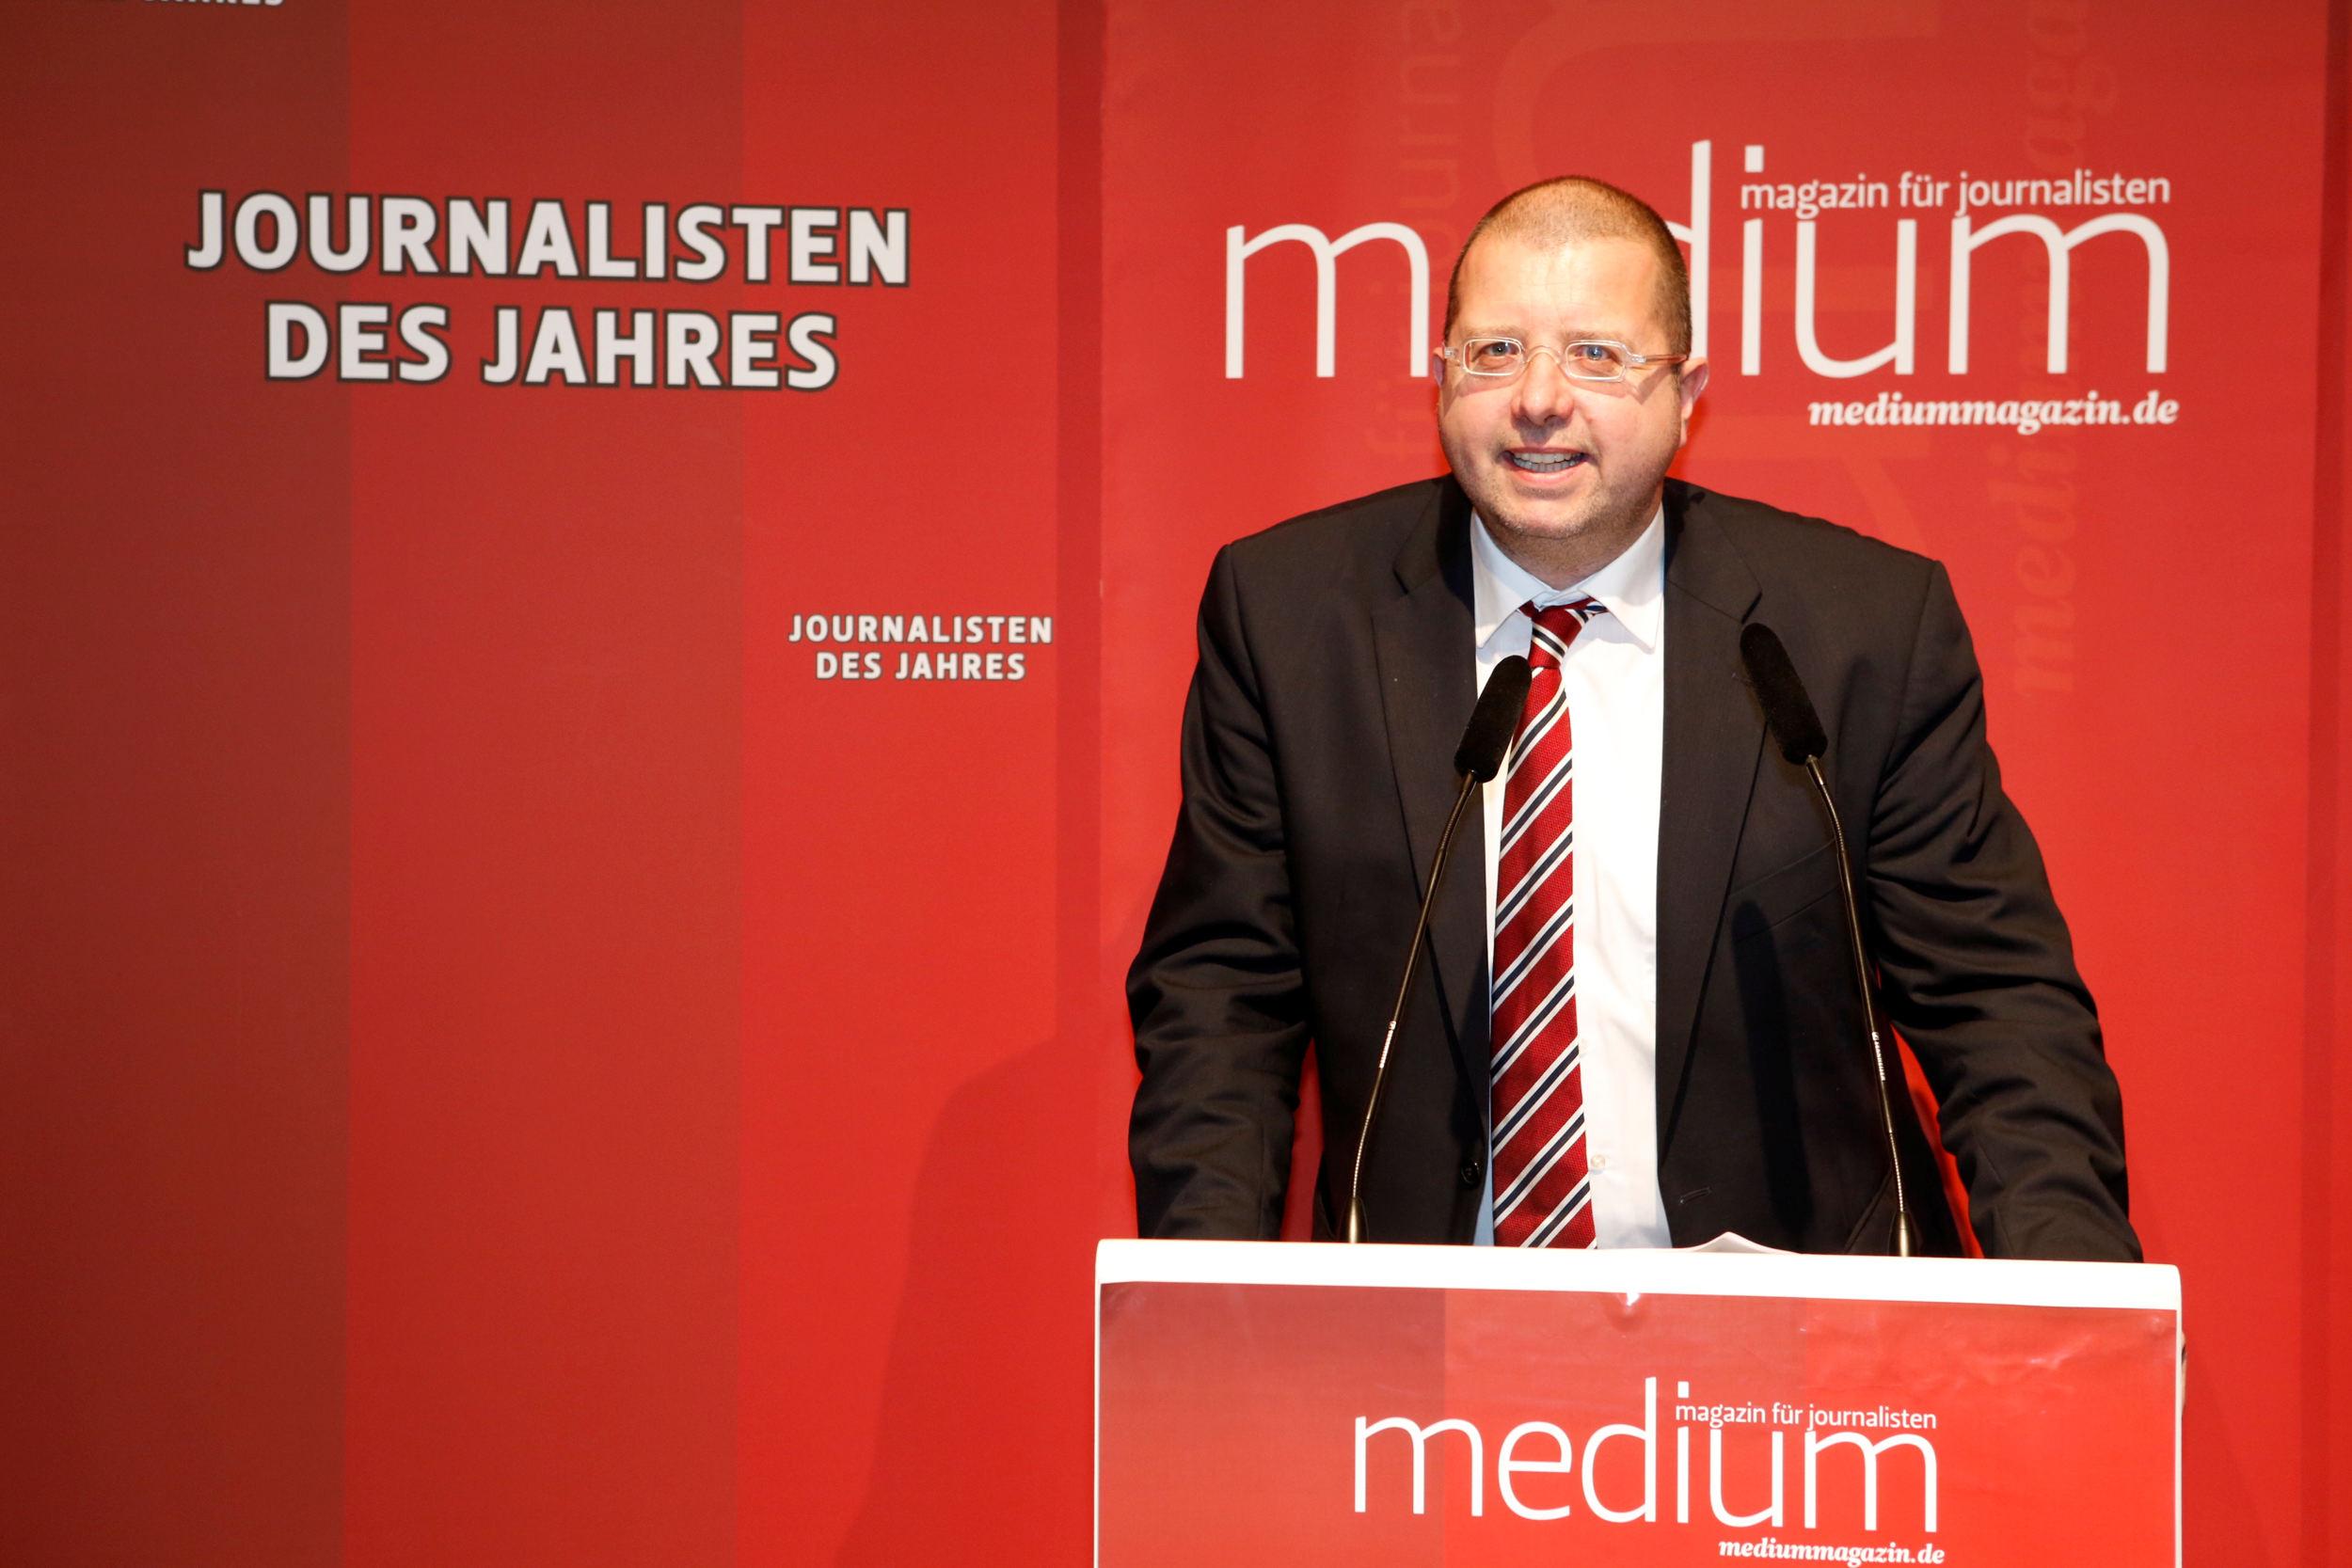 Joachim Braun (Nordbayerischer Kurier, Bayreuth), Chefredakteur lokal des Jahres 2012